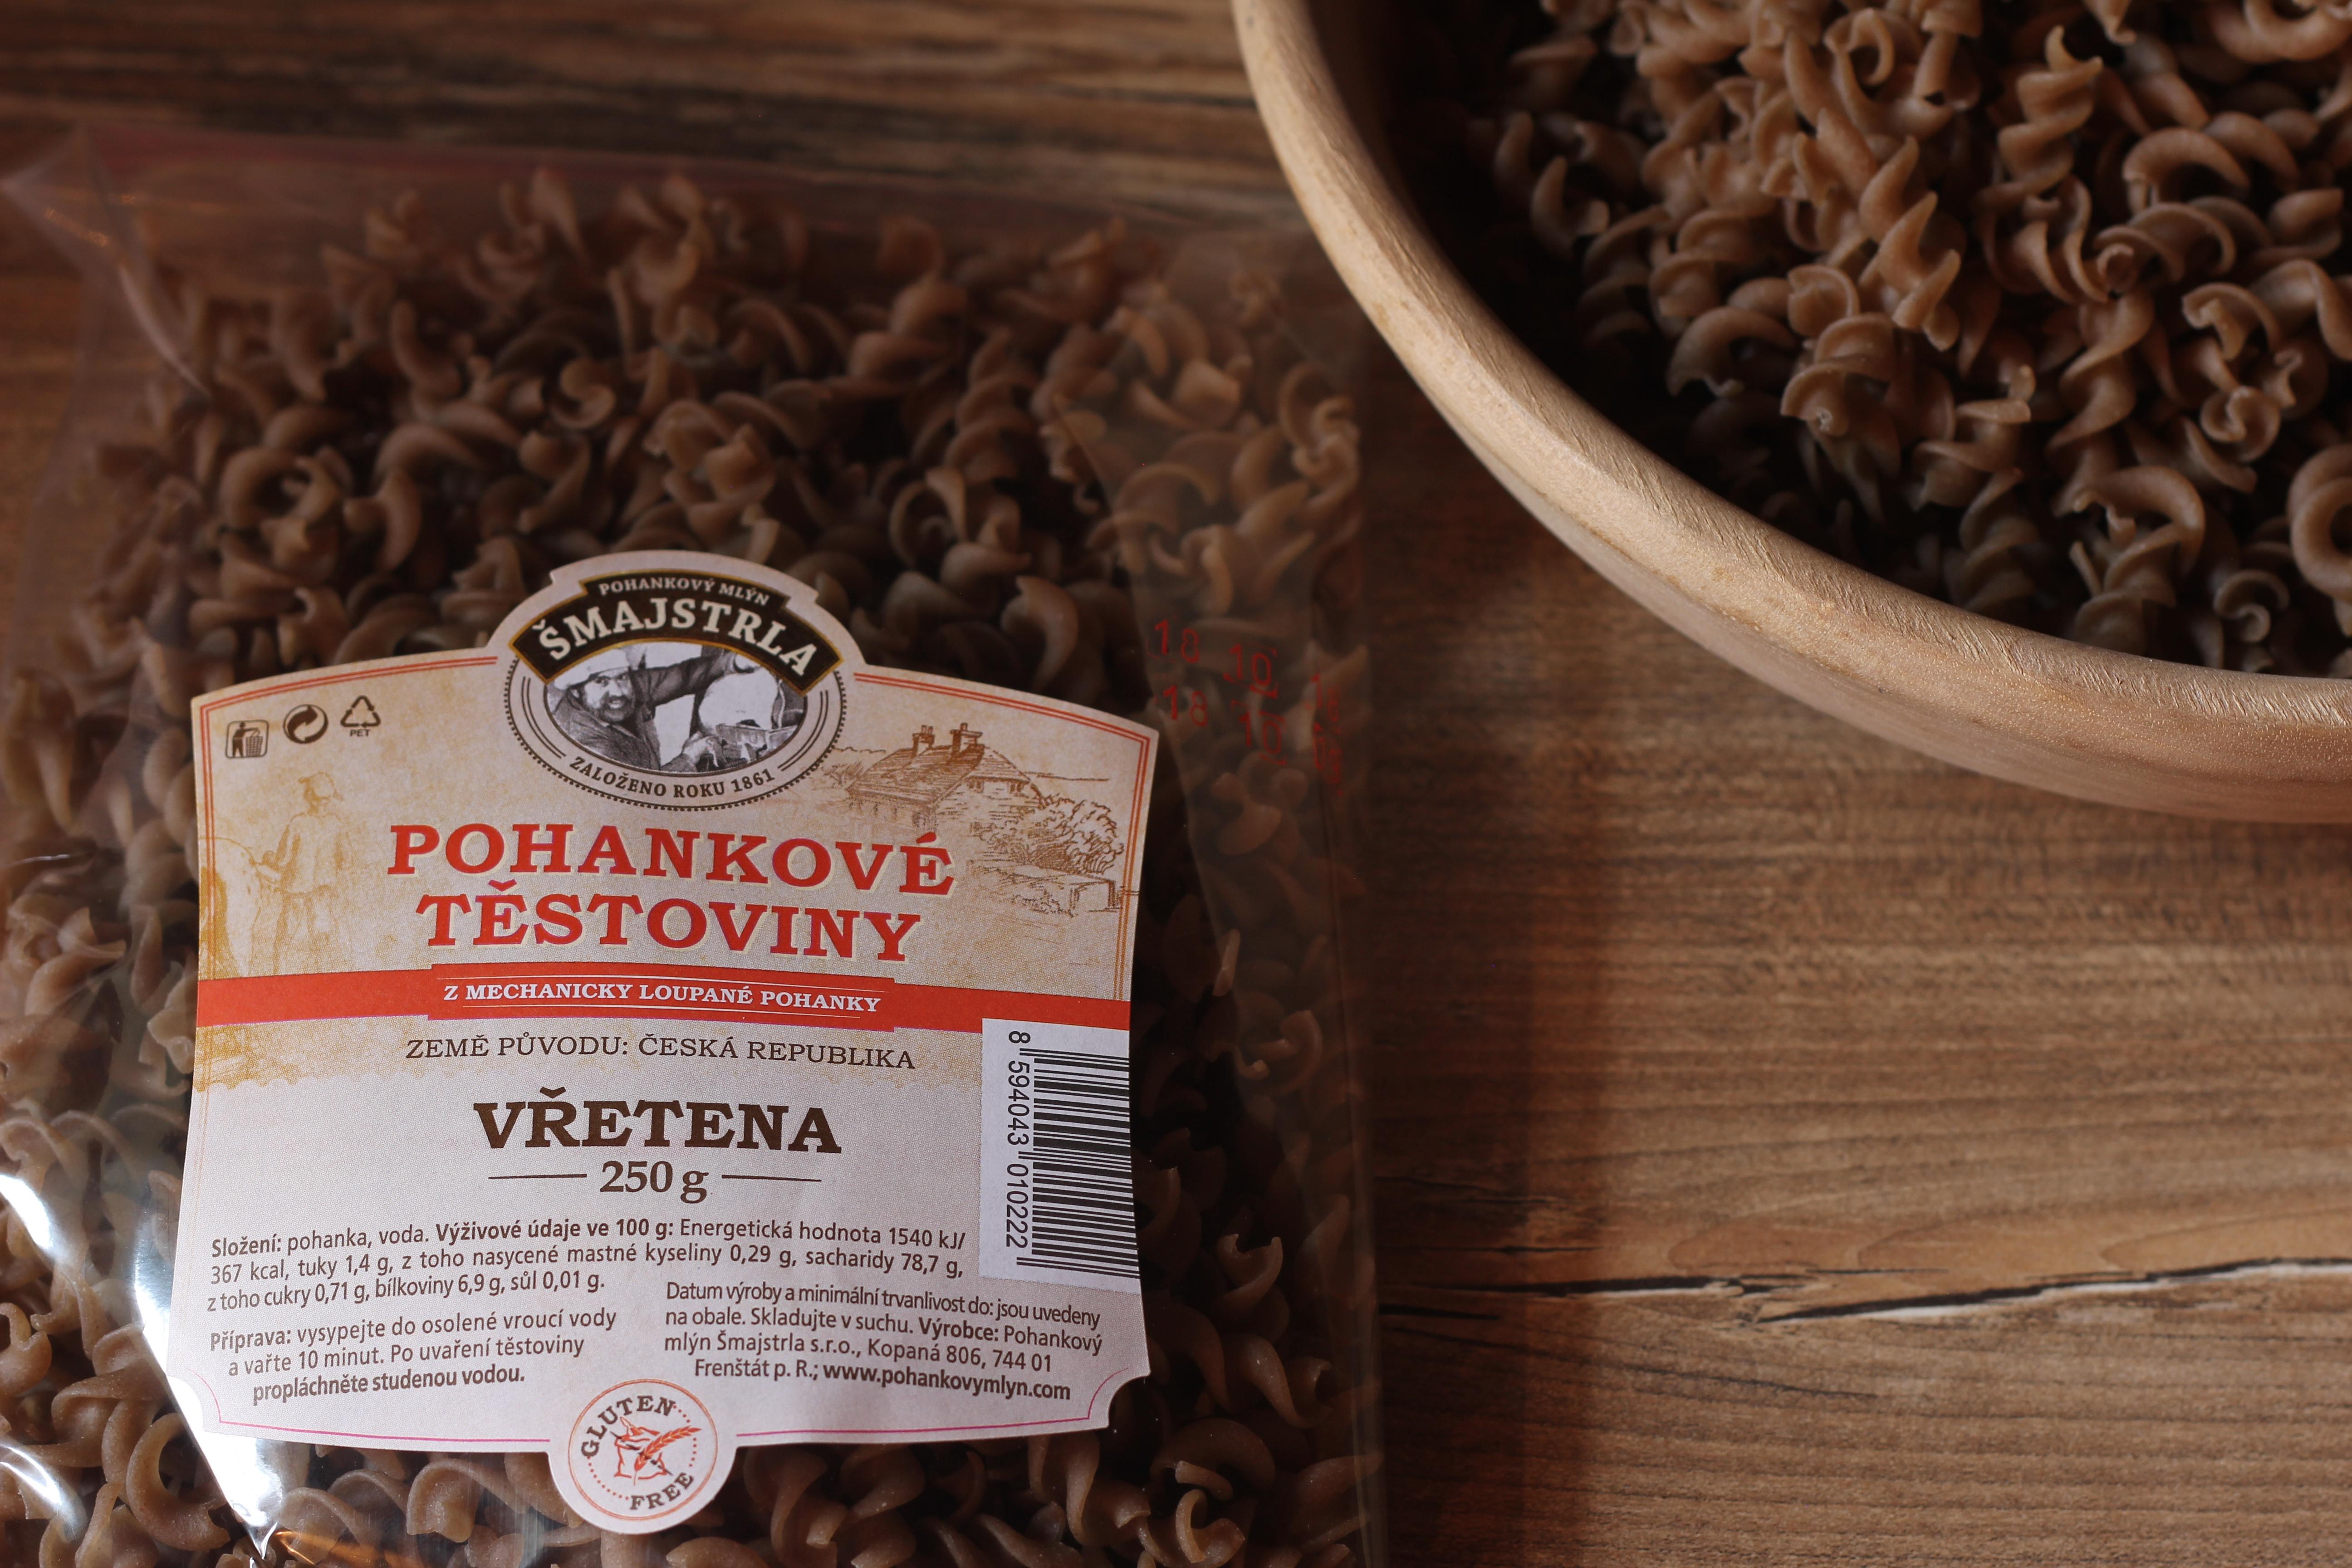 Pohankové těstoviny - vřetena 250g